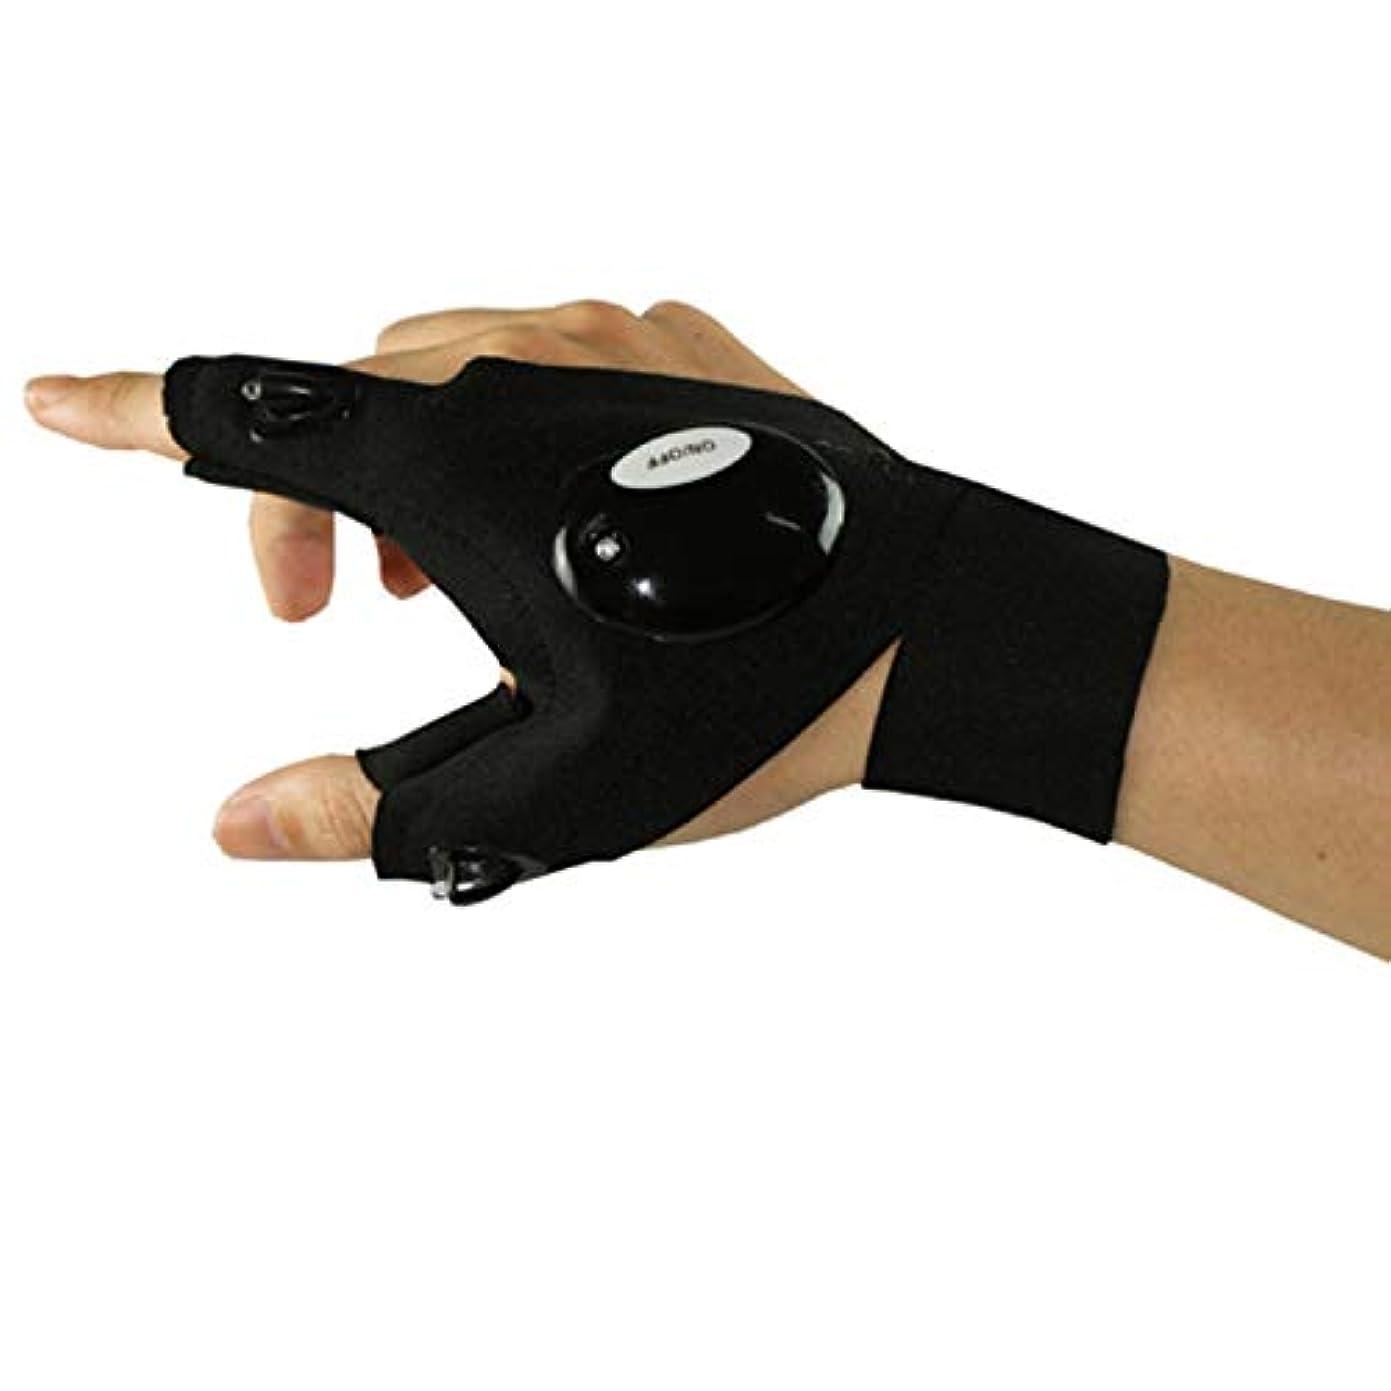 亡命地元絡み合いBAJIMI 手袋 グローブ レディース/メンズ ハンド ケア 実用的なアウトドアスポーツLEDグローブランニング固定スポットライト修理ランプ懐中電灯 裏起毛 おしゃれ 手触りが良い 運転 耐磨耗性 換気性